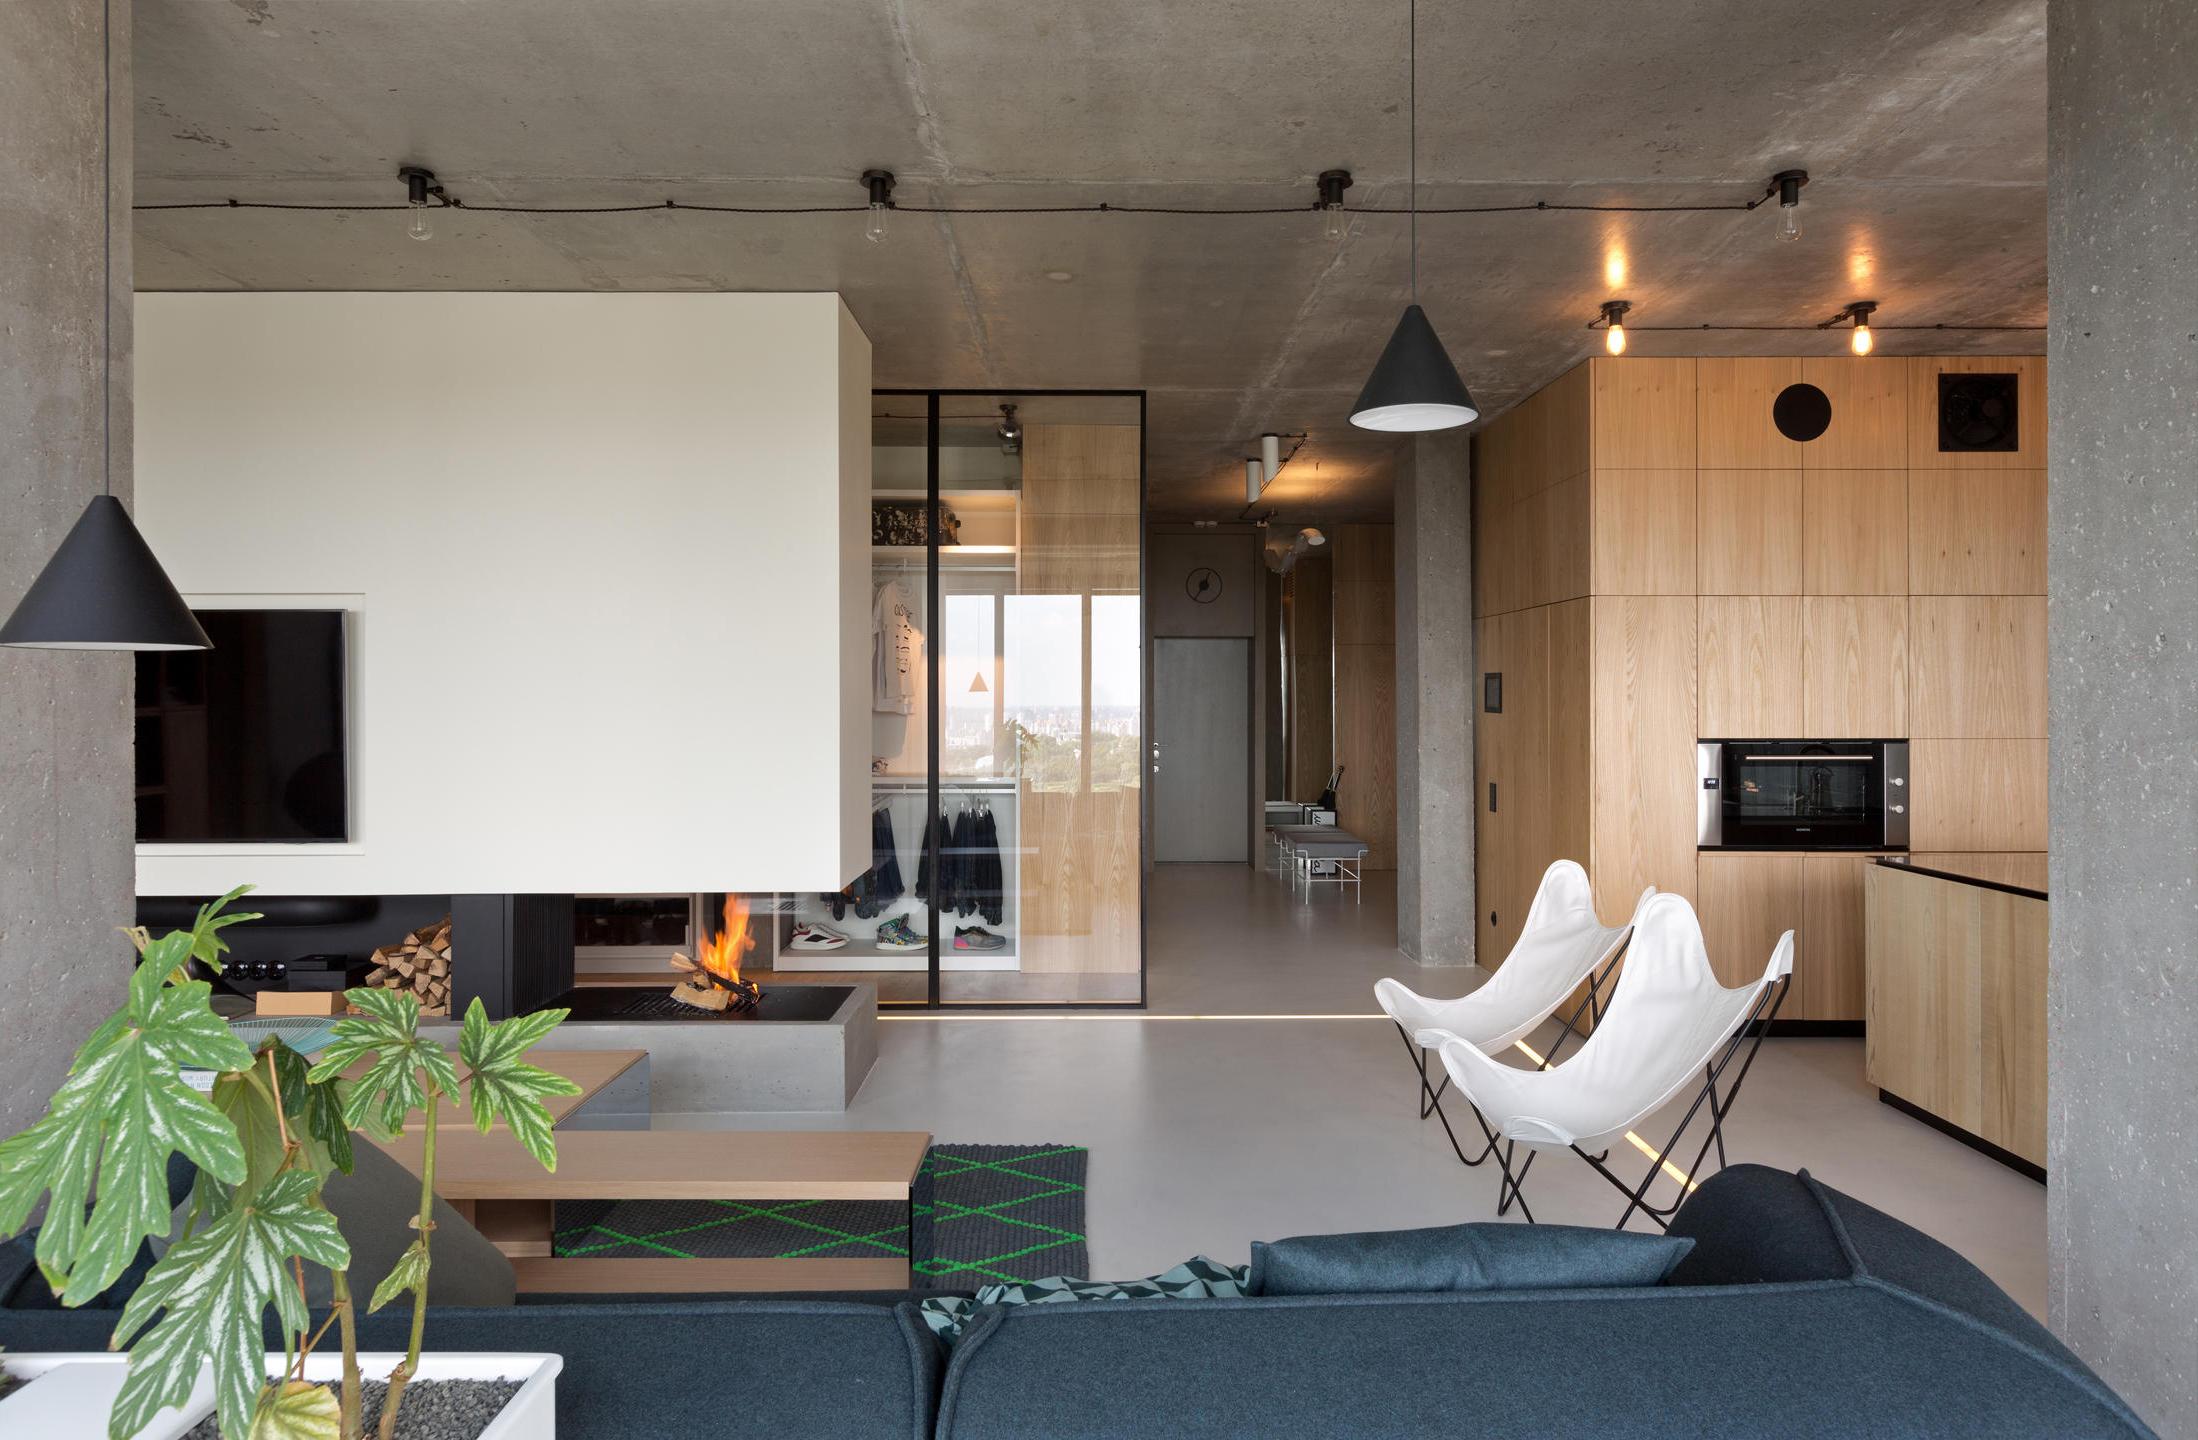 Slaapkamers ontworpen deco for Deco slaapkamer